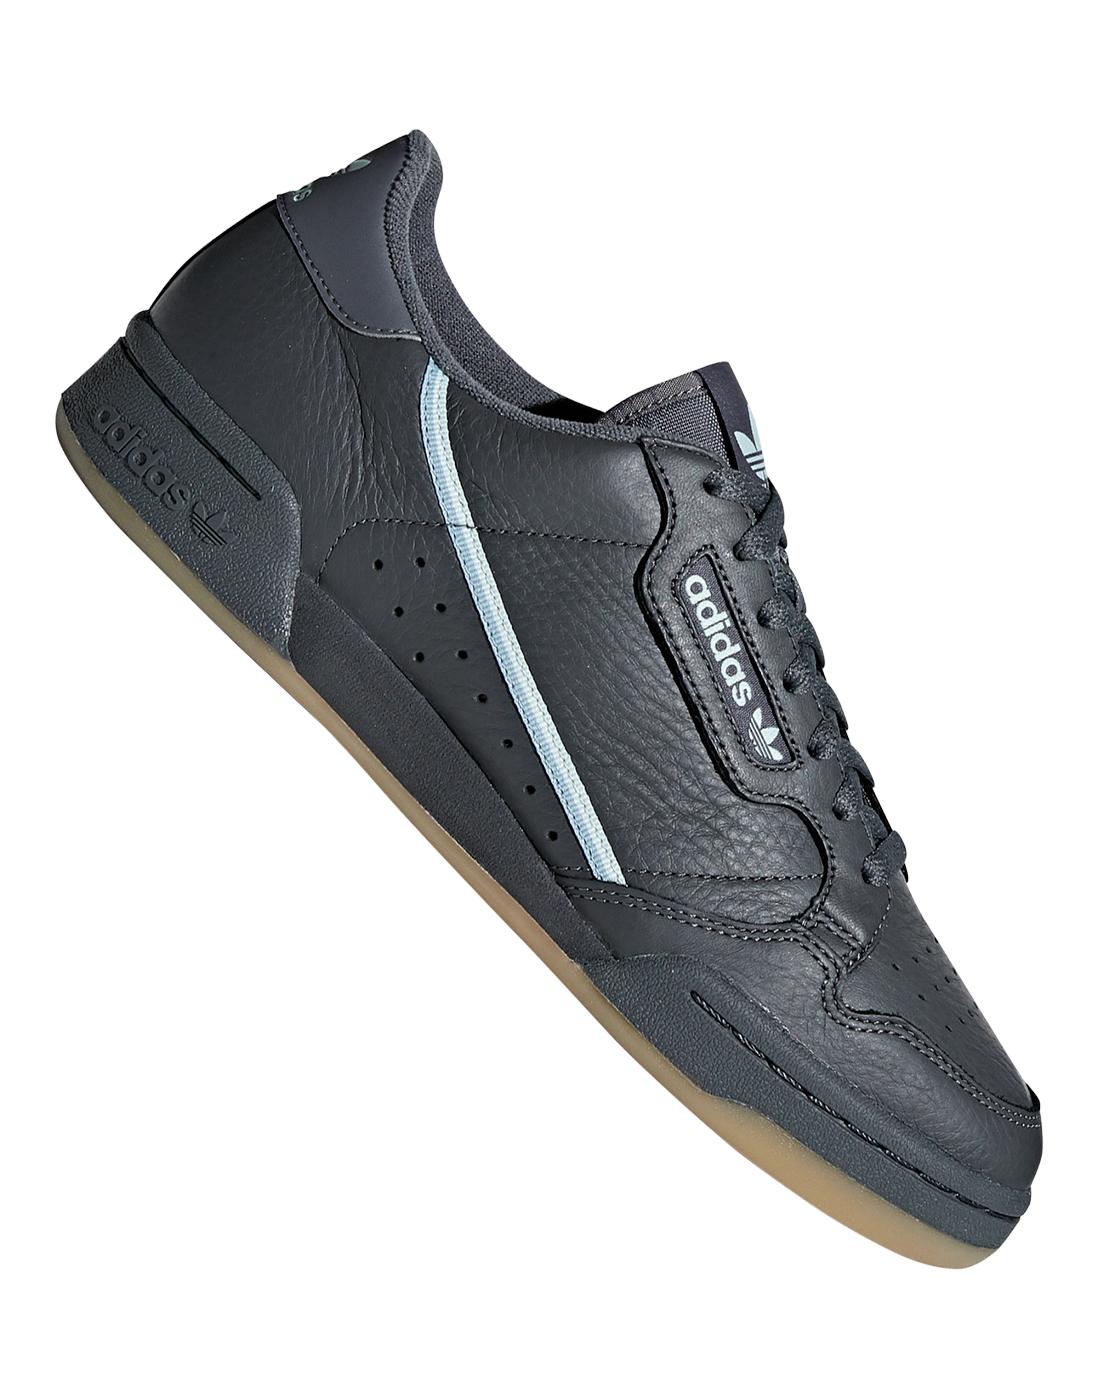 newest 1fae8 9b72f adidas Originals. Mens Continental 80. Mens Continental 80 ...